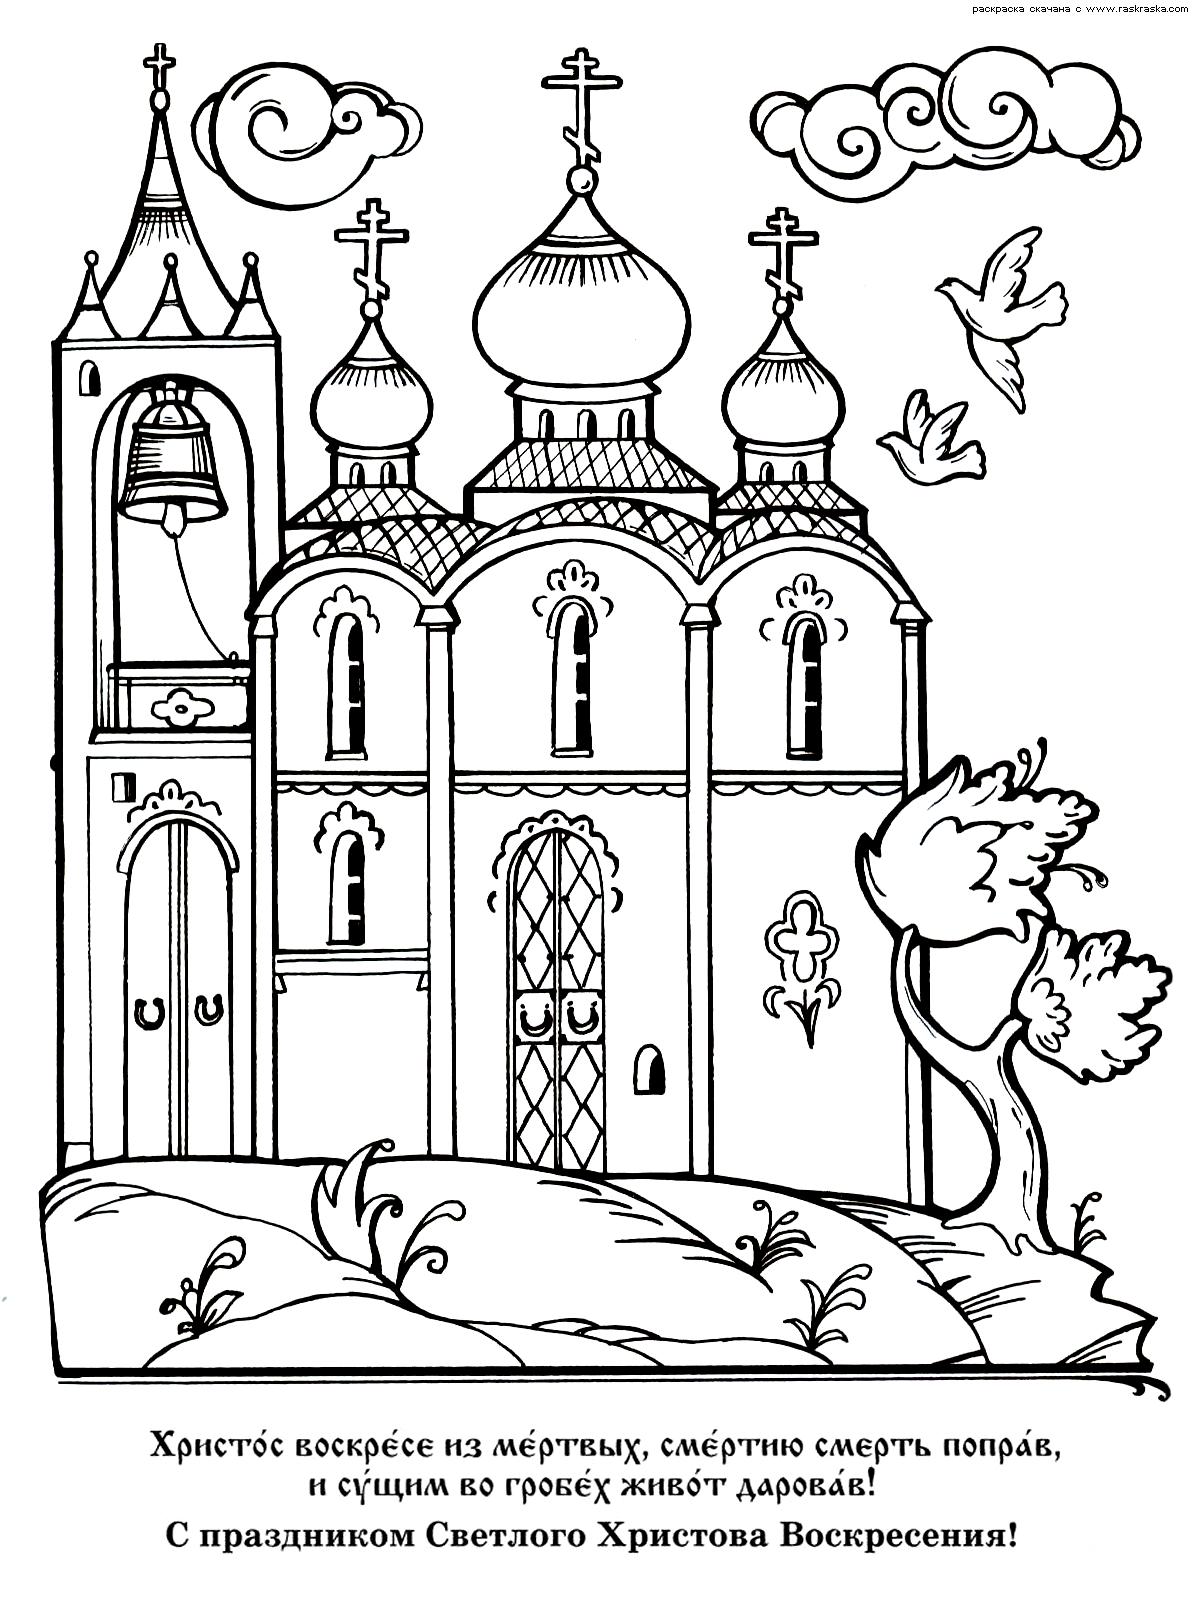 Раскраска С праздником Святой Пасхи!. Раскраска пасха, церковь